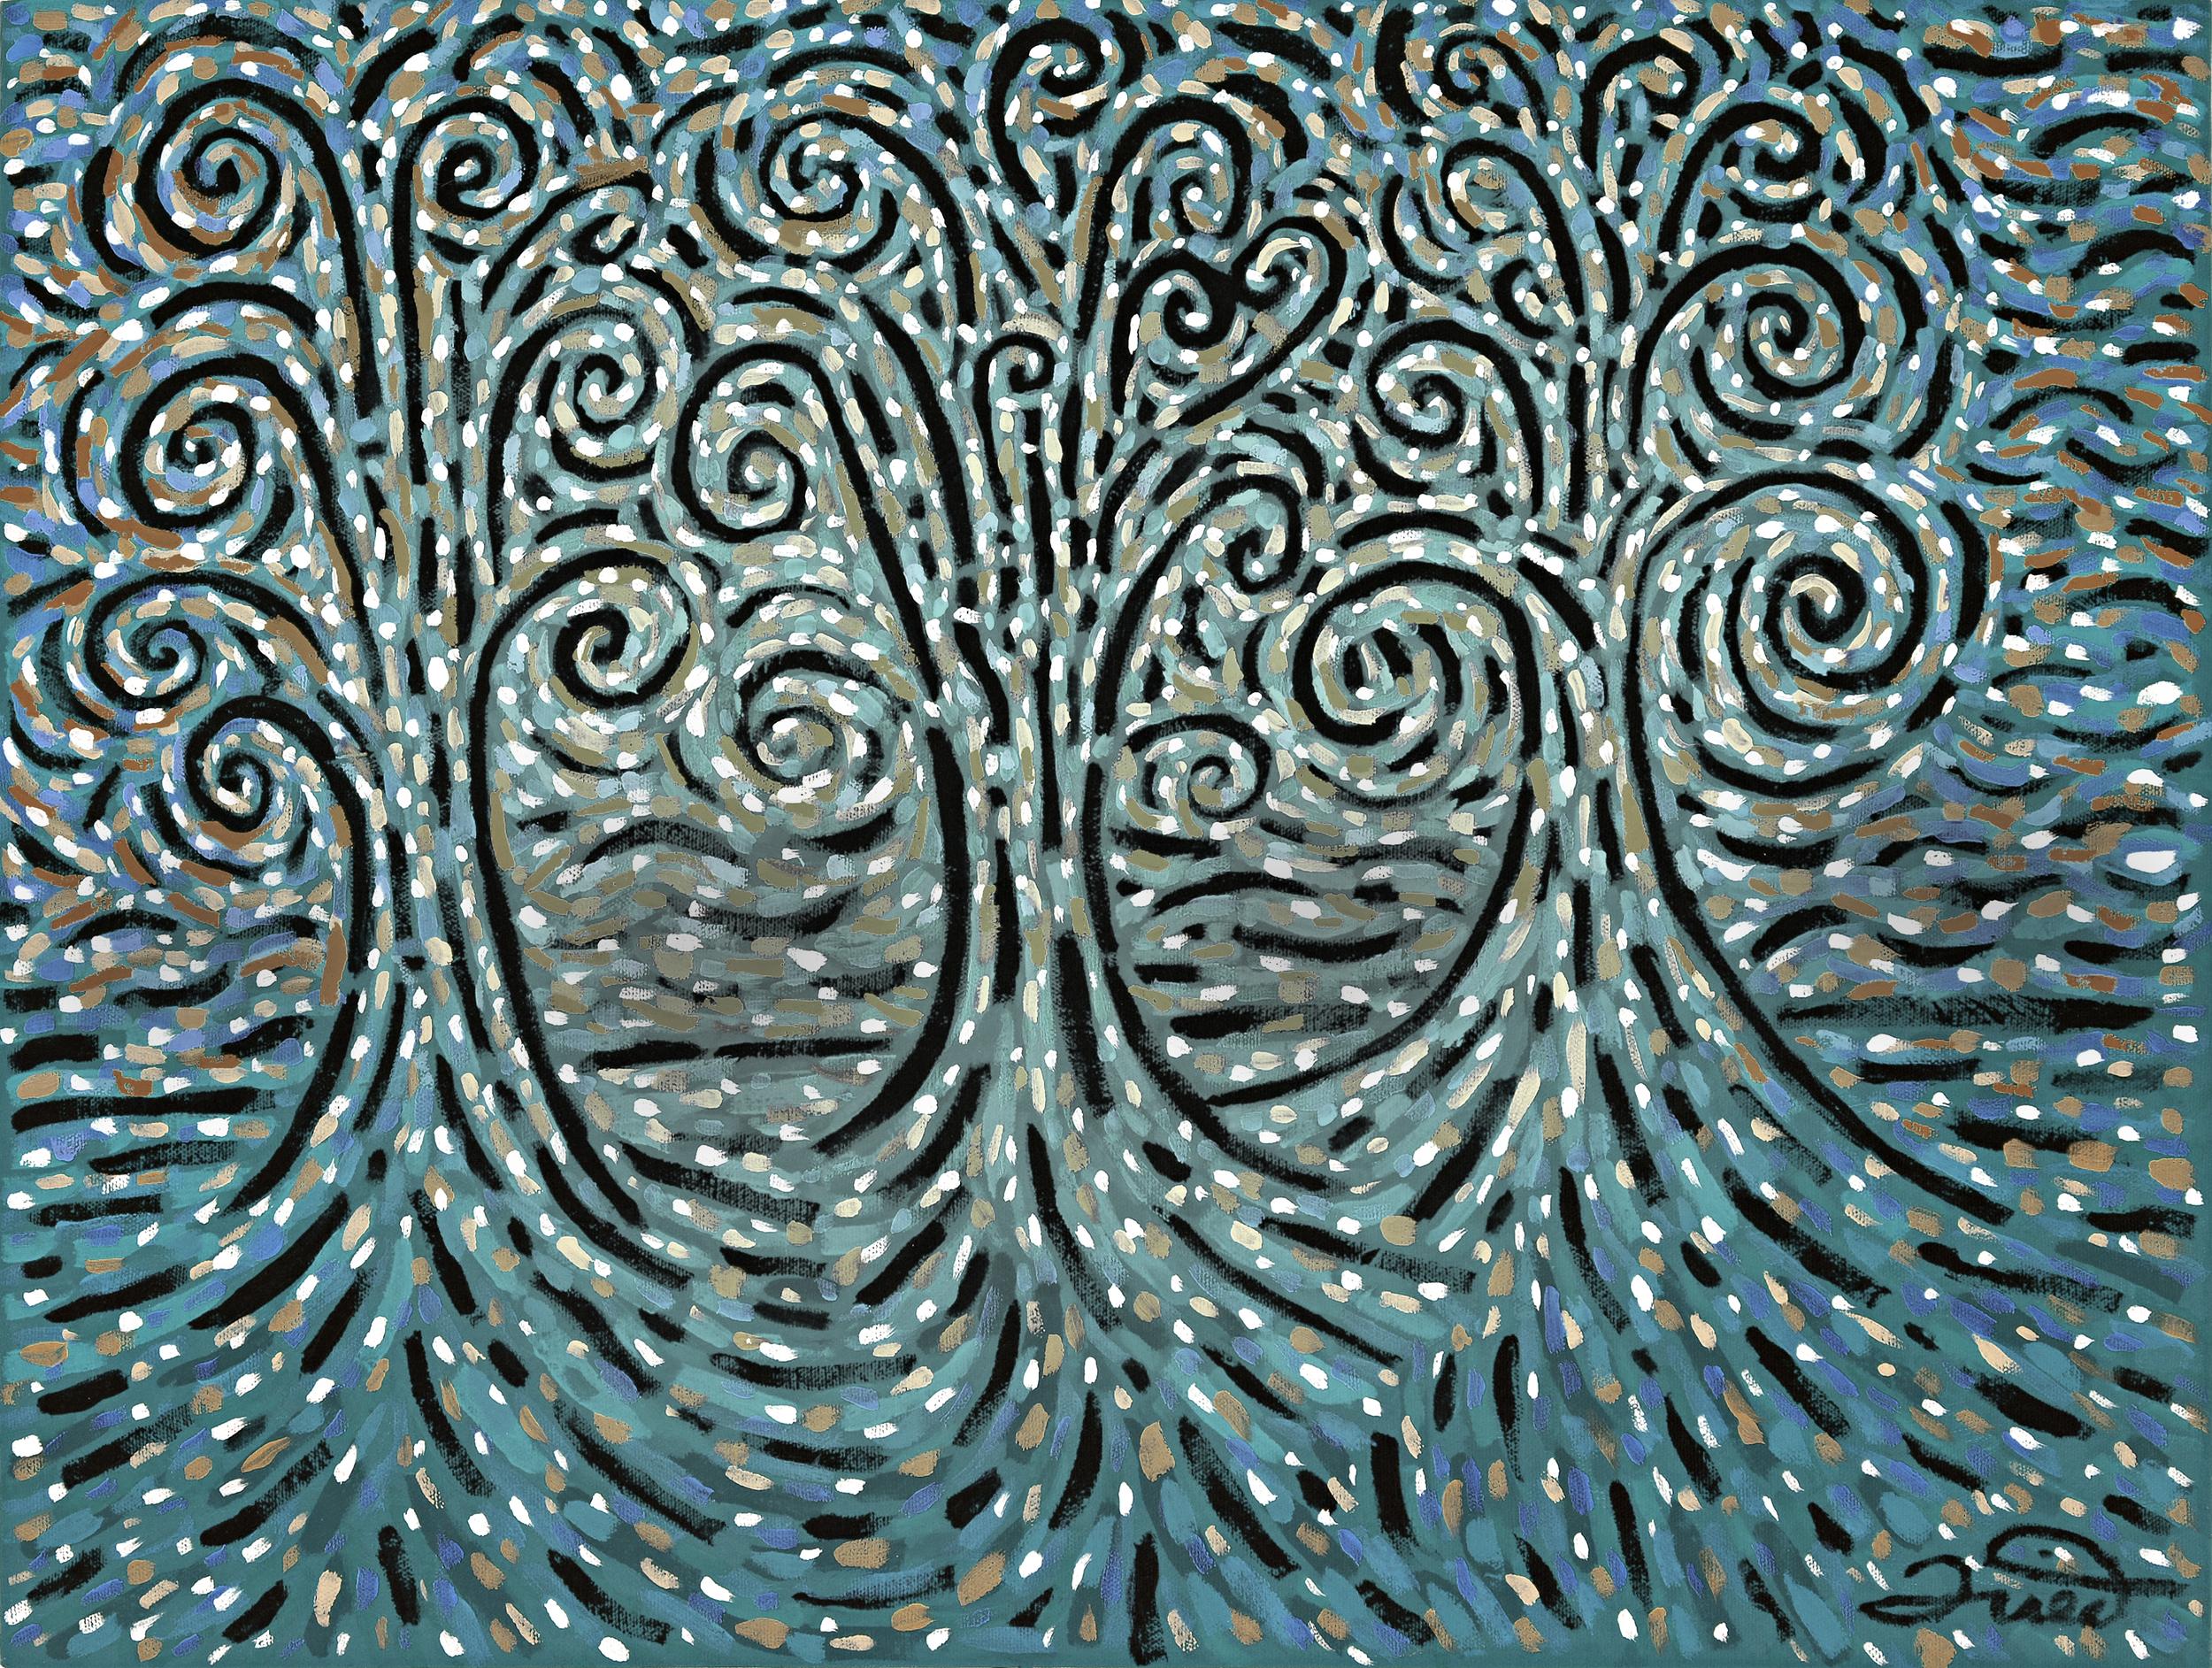 Three Trees 10-06-15